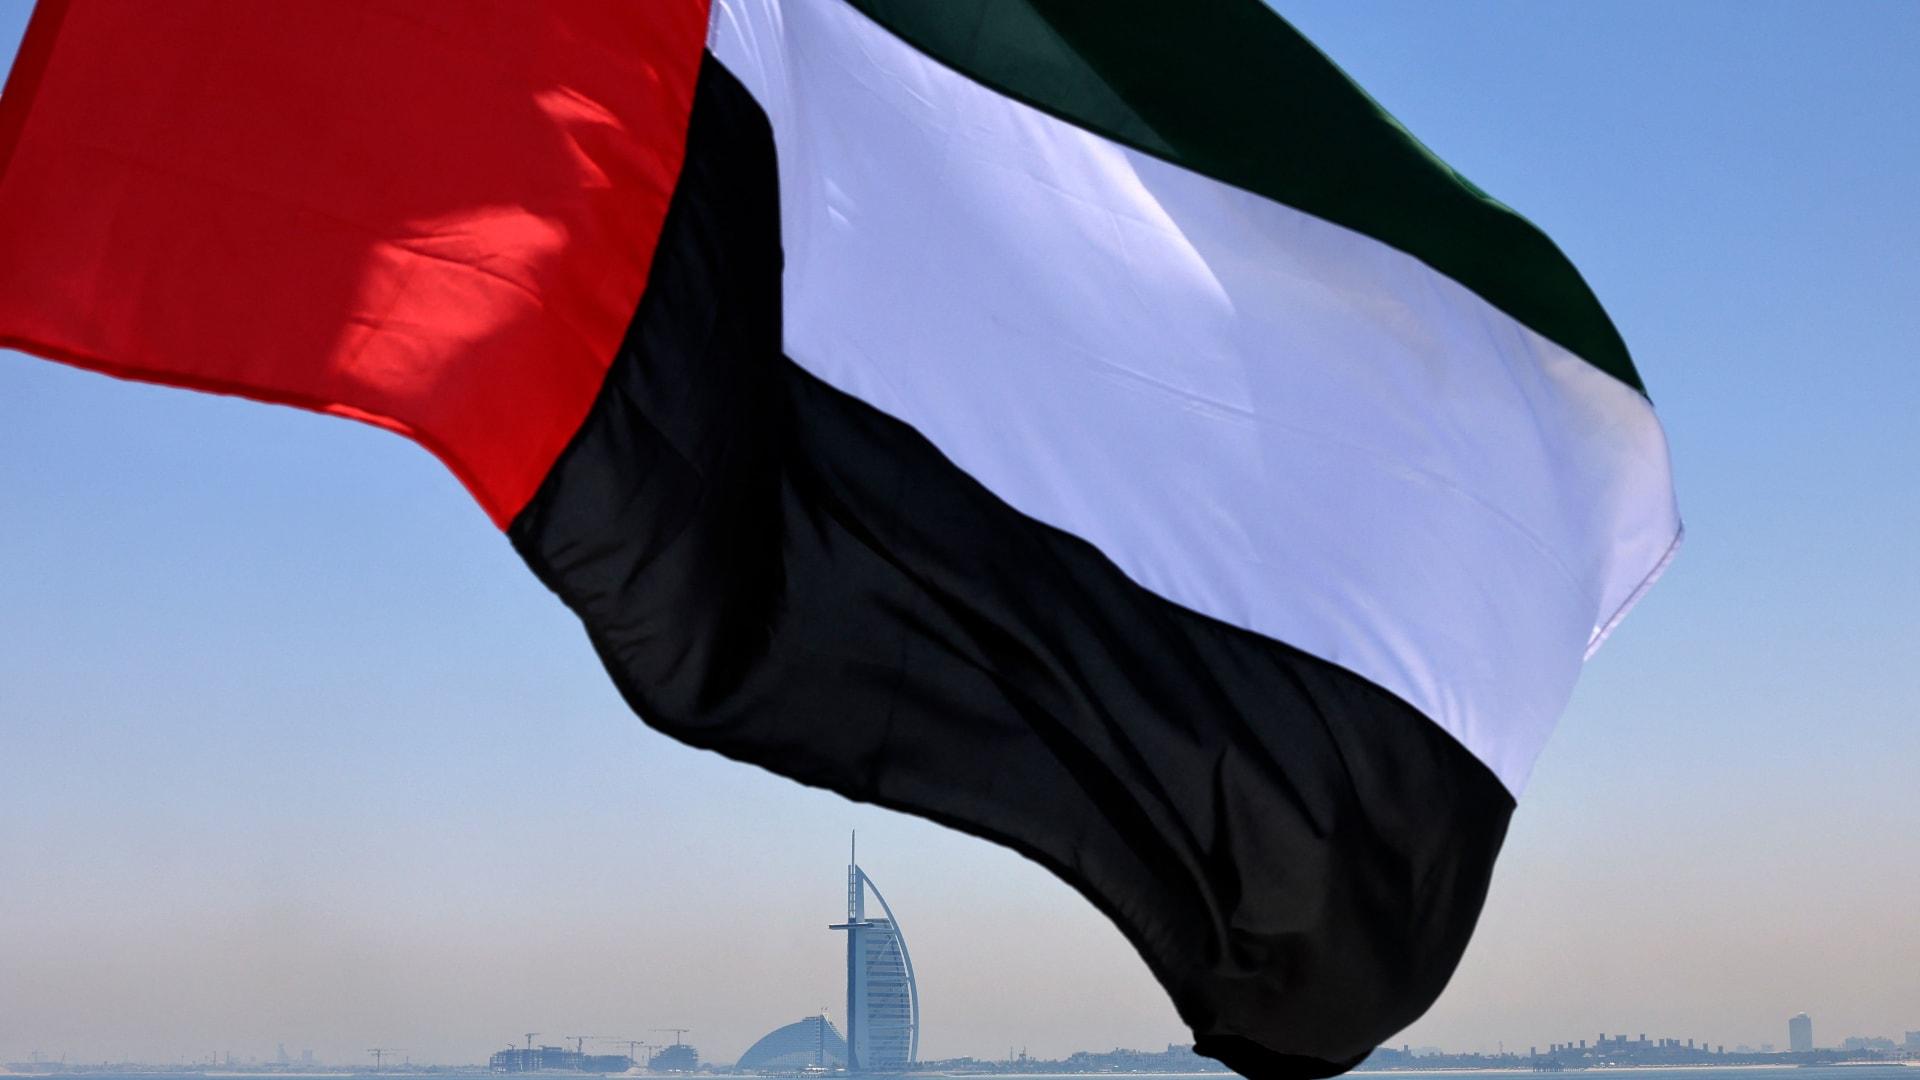 علم الإمارات يرفرف فوق مرسى دبي مع فندق برج العرب في الخلفية - في 3 يونيو 2021